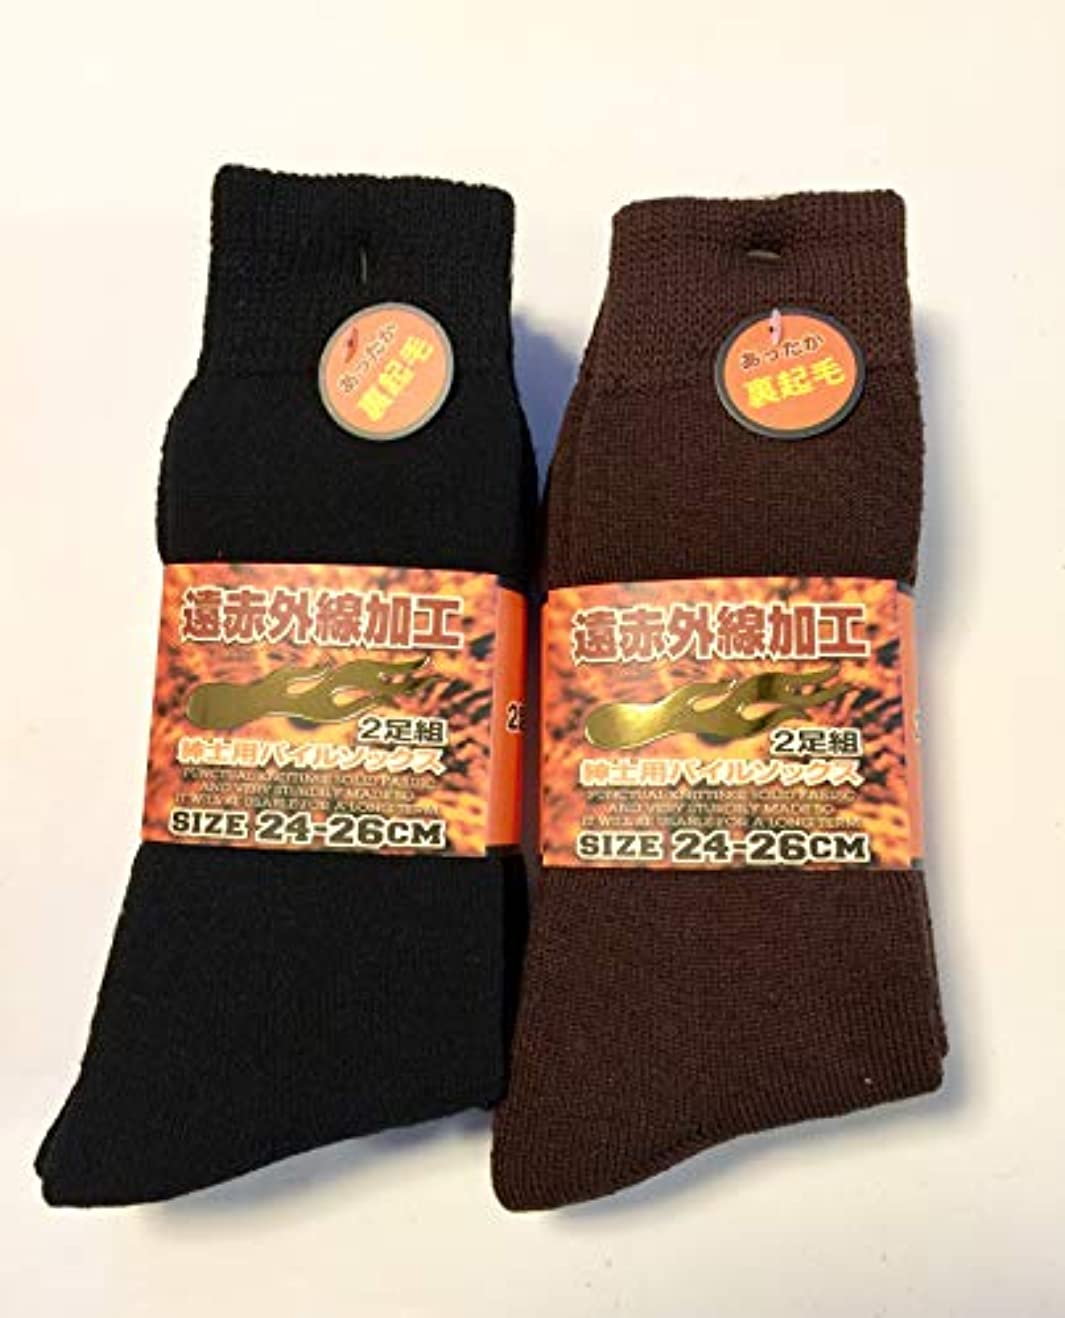 靴下 メンズ あったか 裏起毛パイルソックス 保温力抜群 遠赤外線加工 24-26cm 4足組 (色はお任せ)